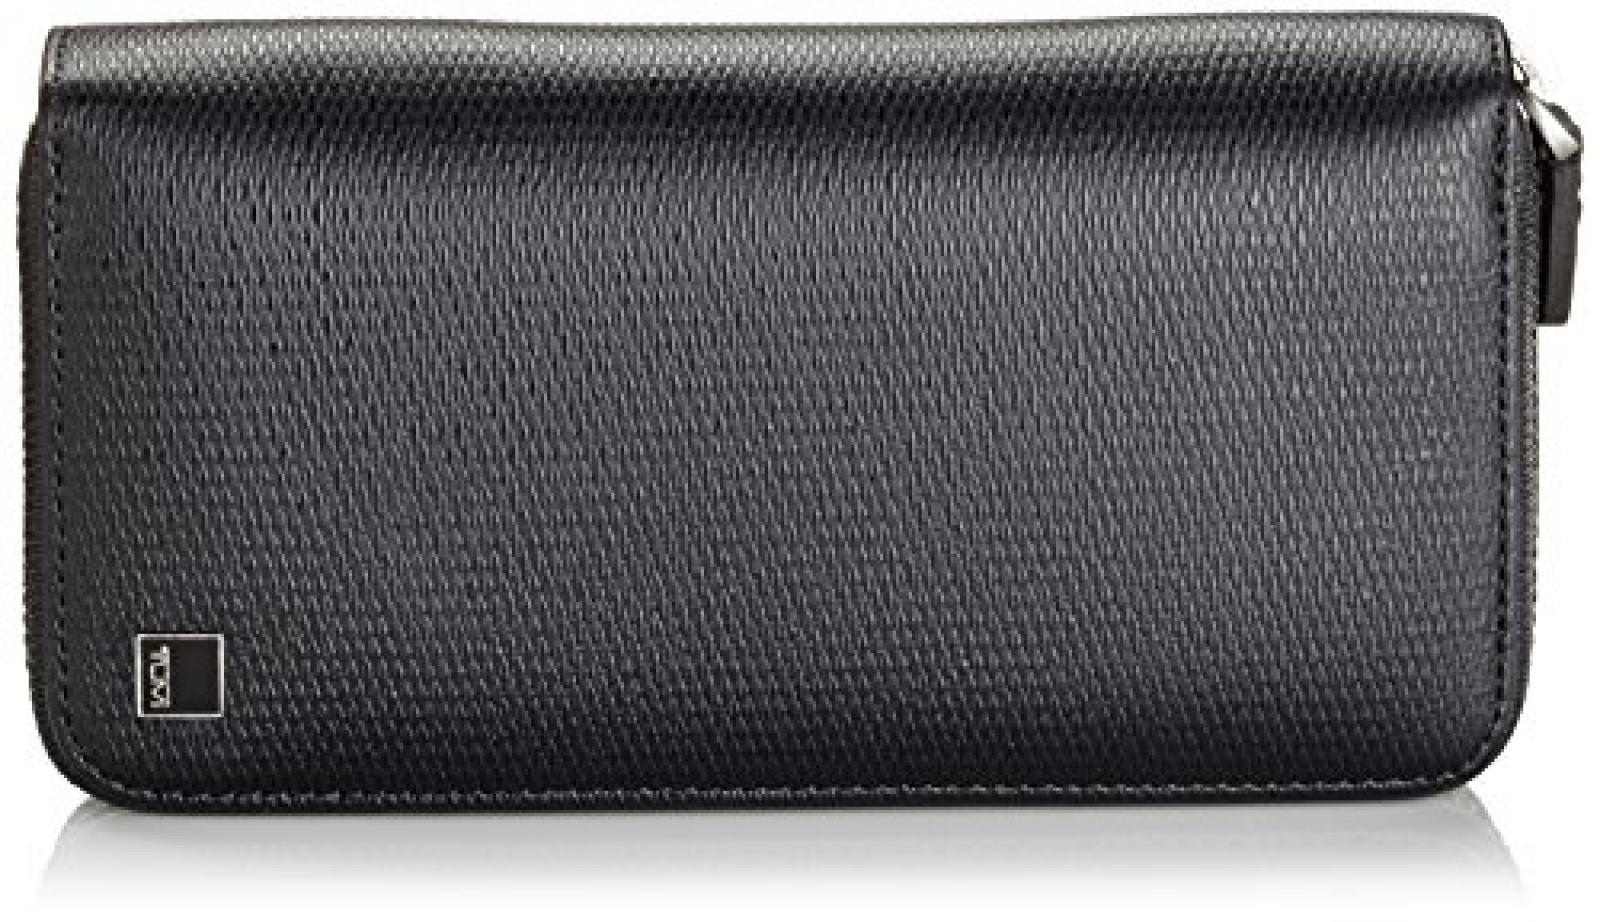 Tumi Münzbörse Large Zip Around Travel Wallet  Schwarz (Black) 018287D